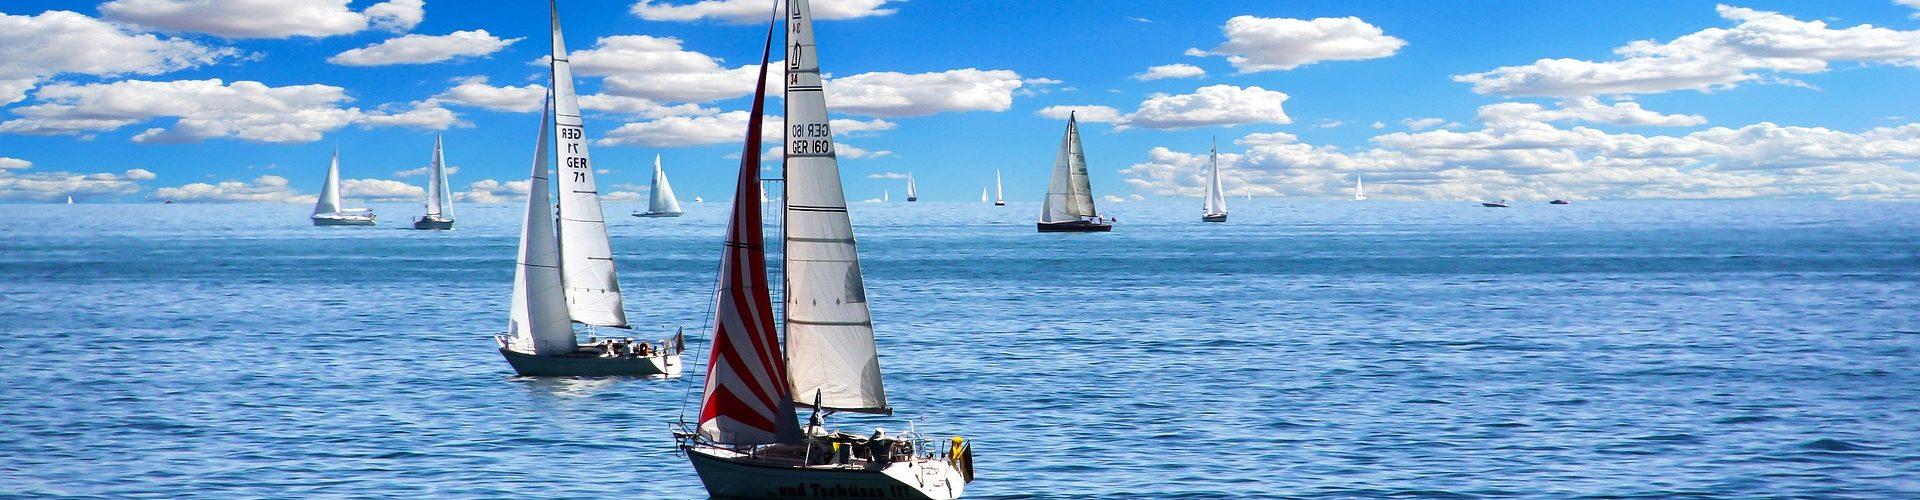 segeln lernen in Dingolfing segelschein machen in Dingolfing 1920x500 - Segeln lernen in Dingolfing